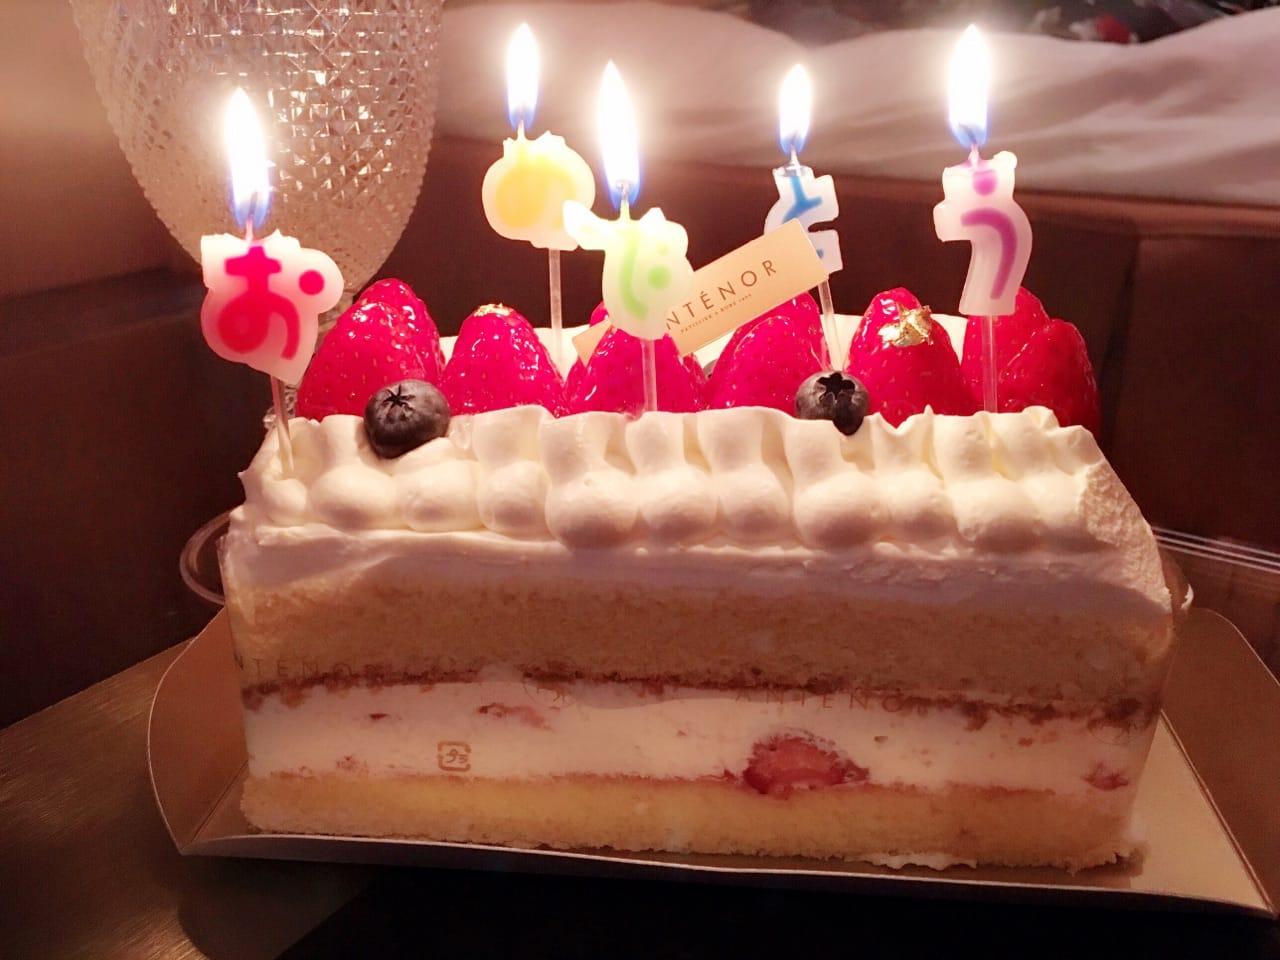 「お誕生日お祝いありがとう♪」03/08(03/08) 23:30 | 愛咲かれんの写メ・風俗動画